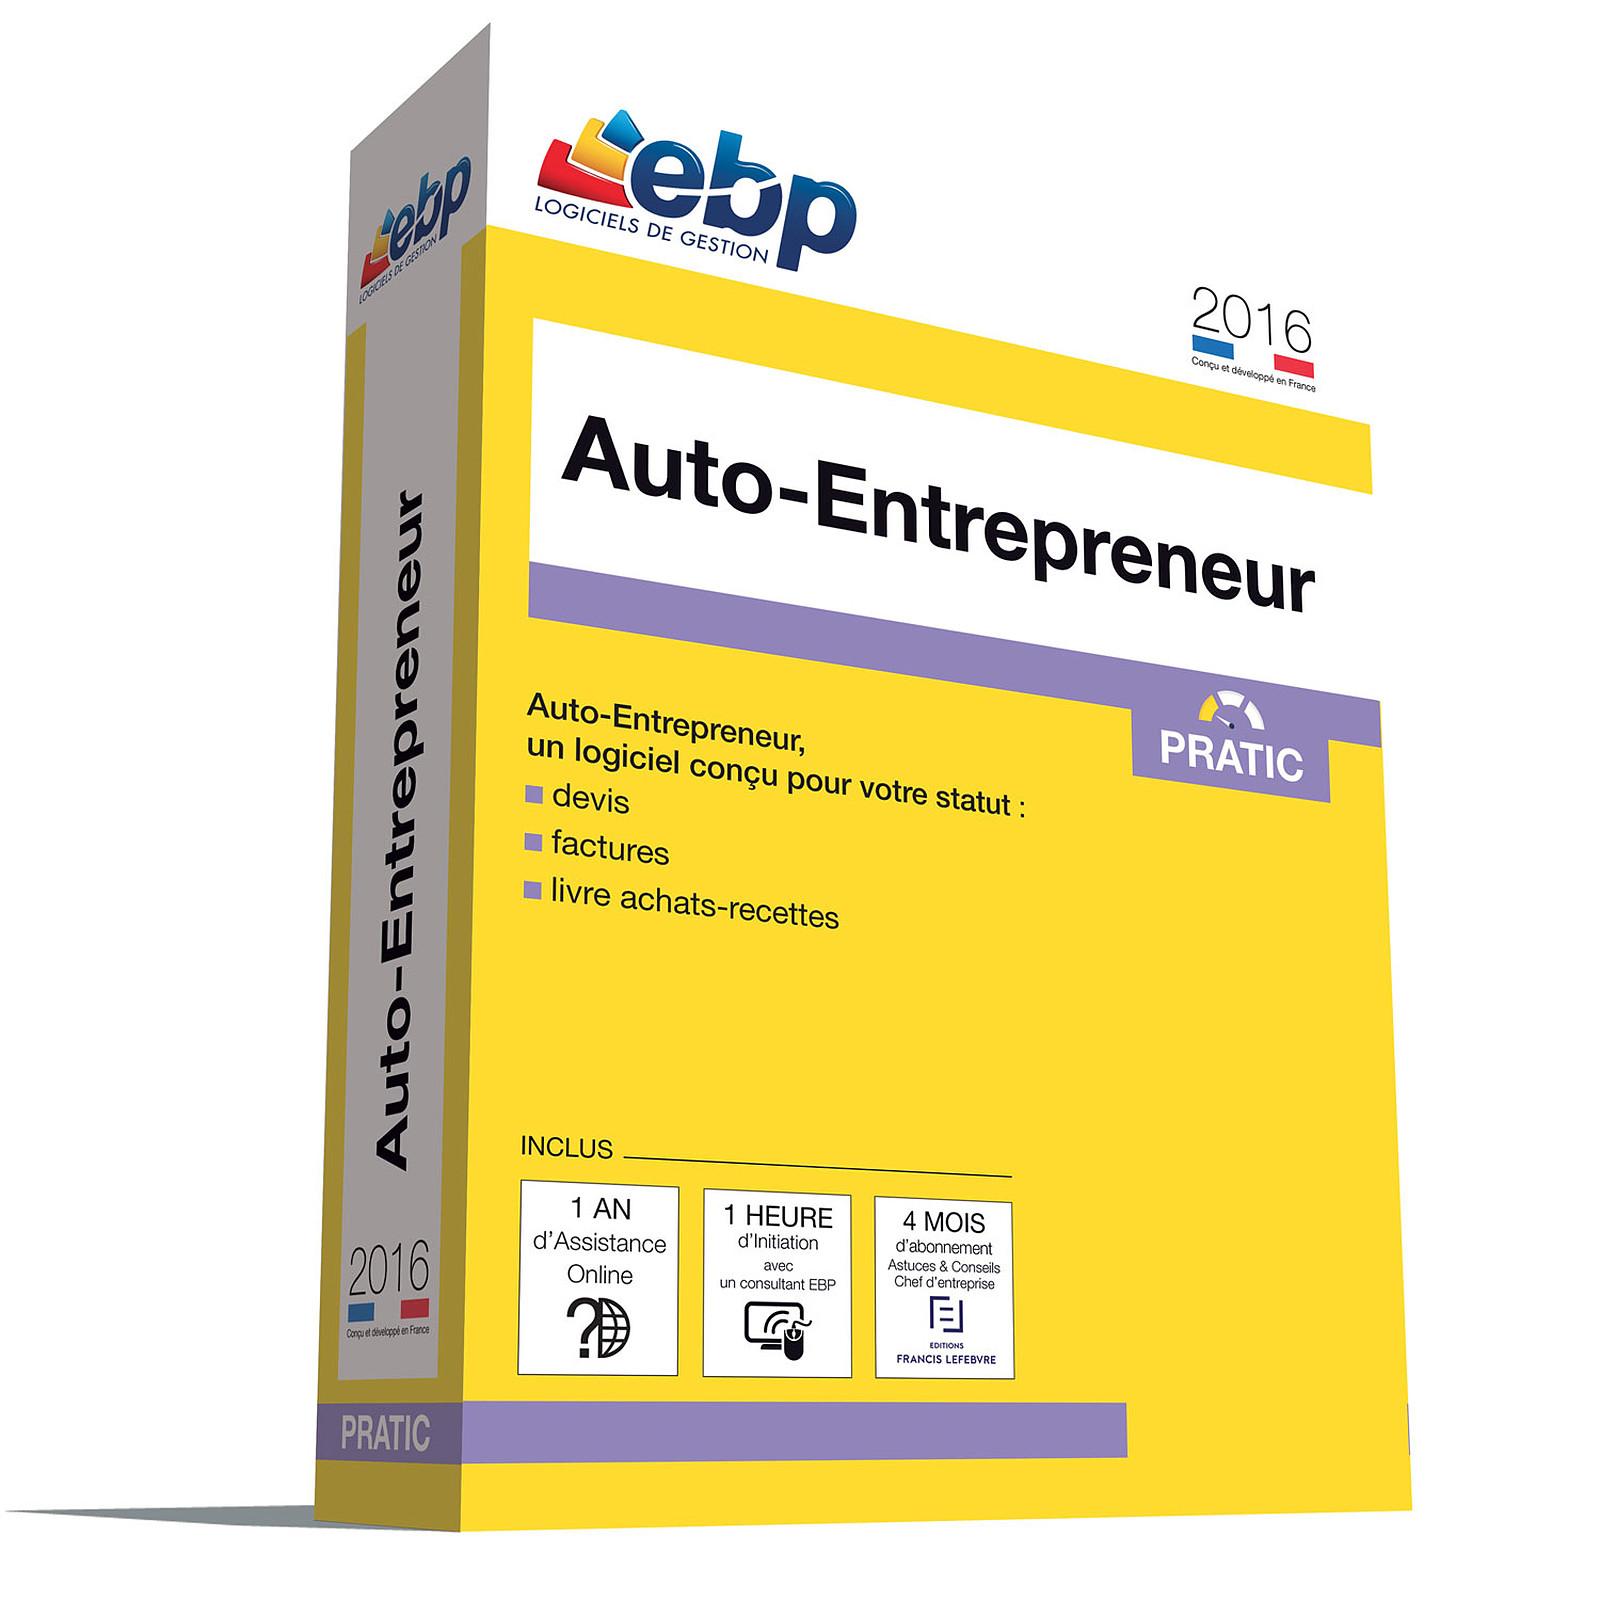 EBP Auto-Entrepreneur Pratic 2016 + Services VIP